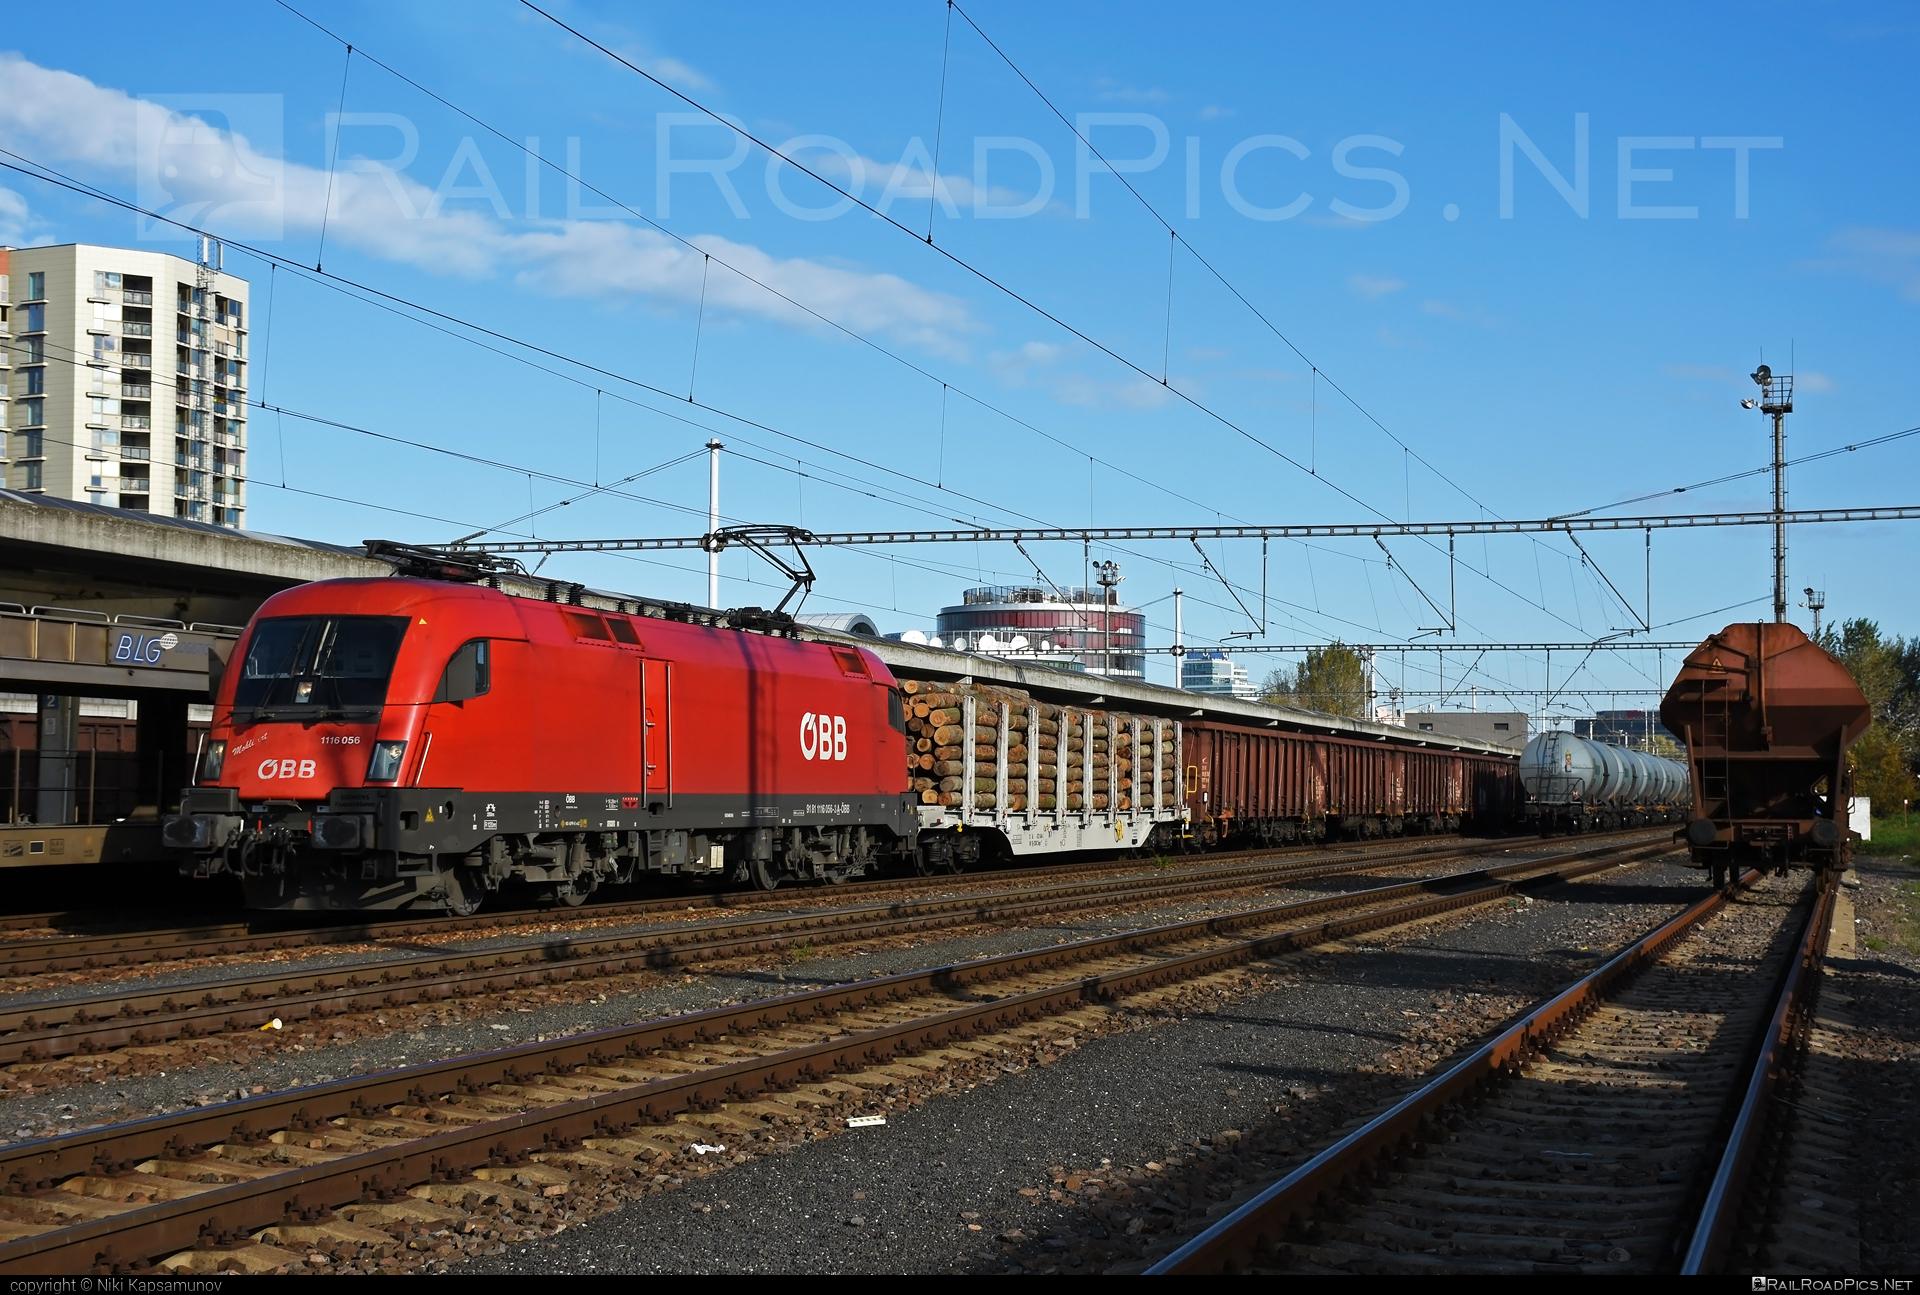 Siemens ES 64 U2 - 1116 056 operated by Rail Cargo Austria AG #es64 #es64u #es64u2 #eurosprinter #obb #osterreichischebundesbahnen #siemens #siemenses64 #siemenses64u #siemenses64u2 #siemenstaurus #taurus #tauruslocomotive